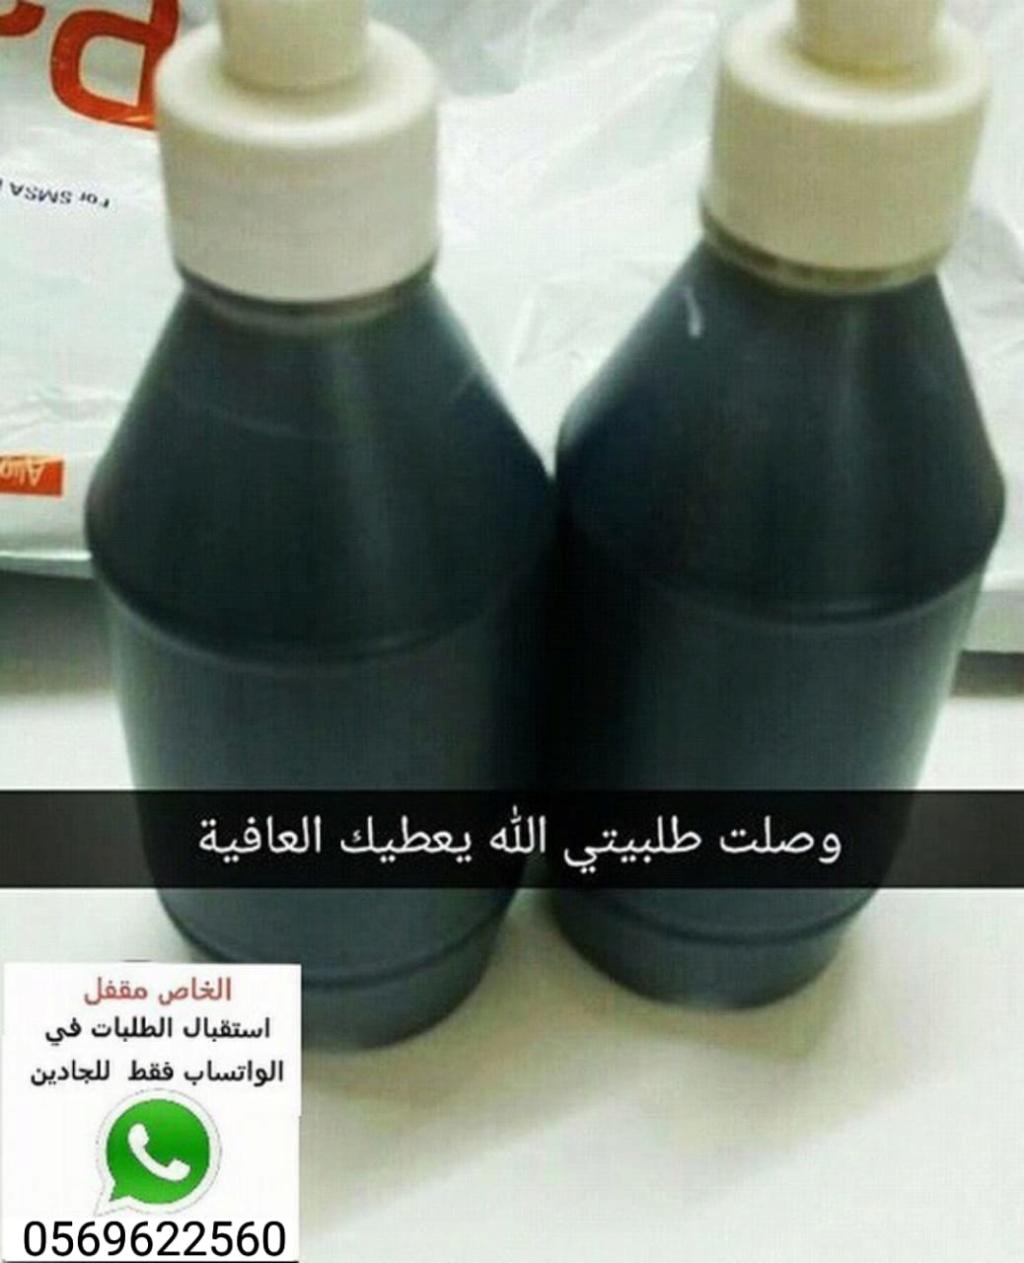 زيت الشعر زيت الحشيش الافغاني الخام الاسود Eaa_ao10